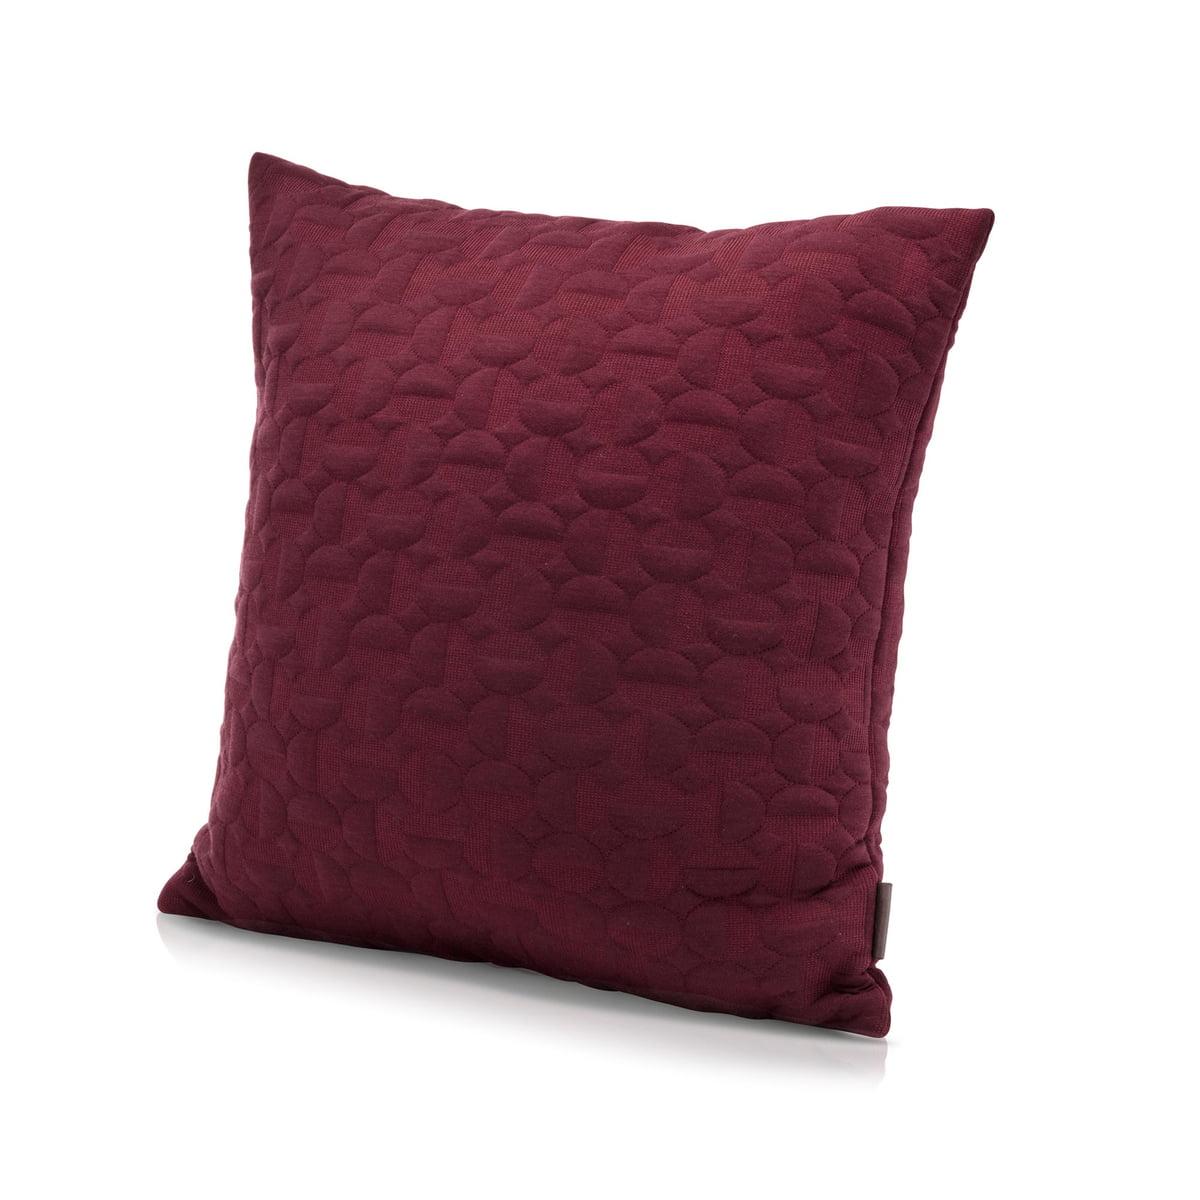 vertigo kissen 50 x 50 cm von fritz hansen. Black Bedroom Furniture Sets. Home Design Ideas